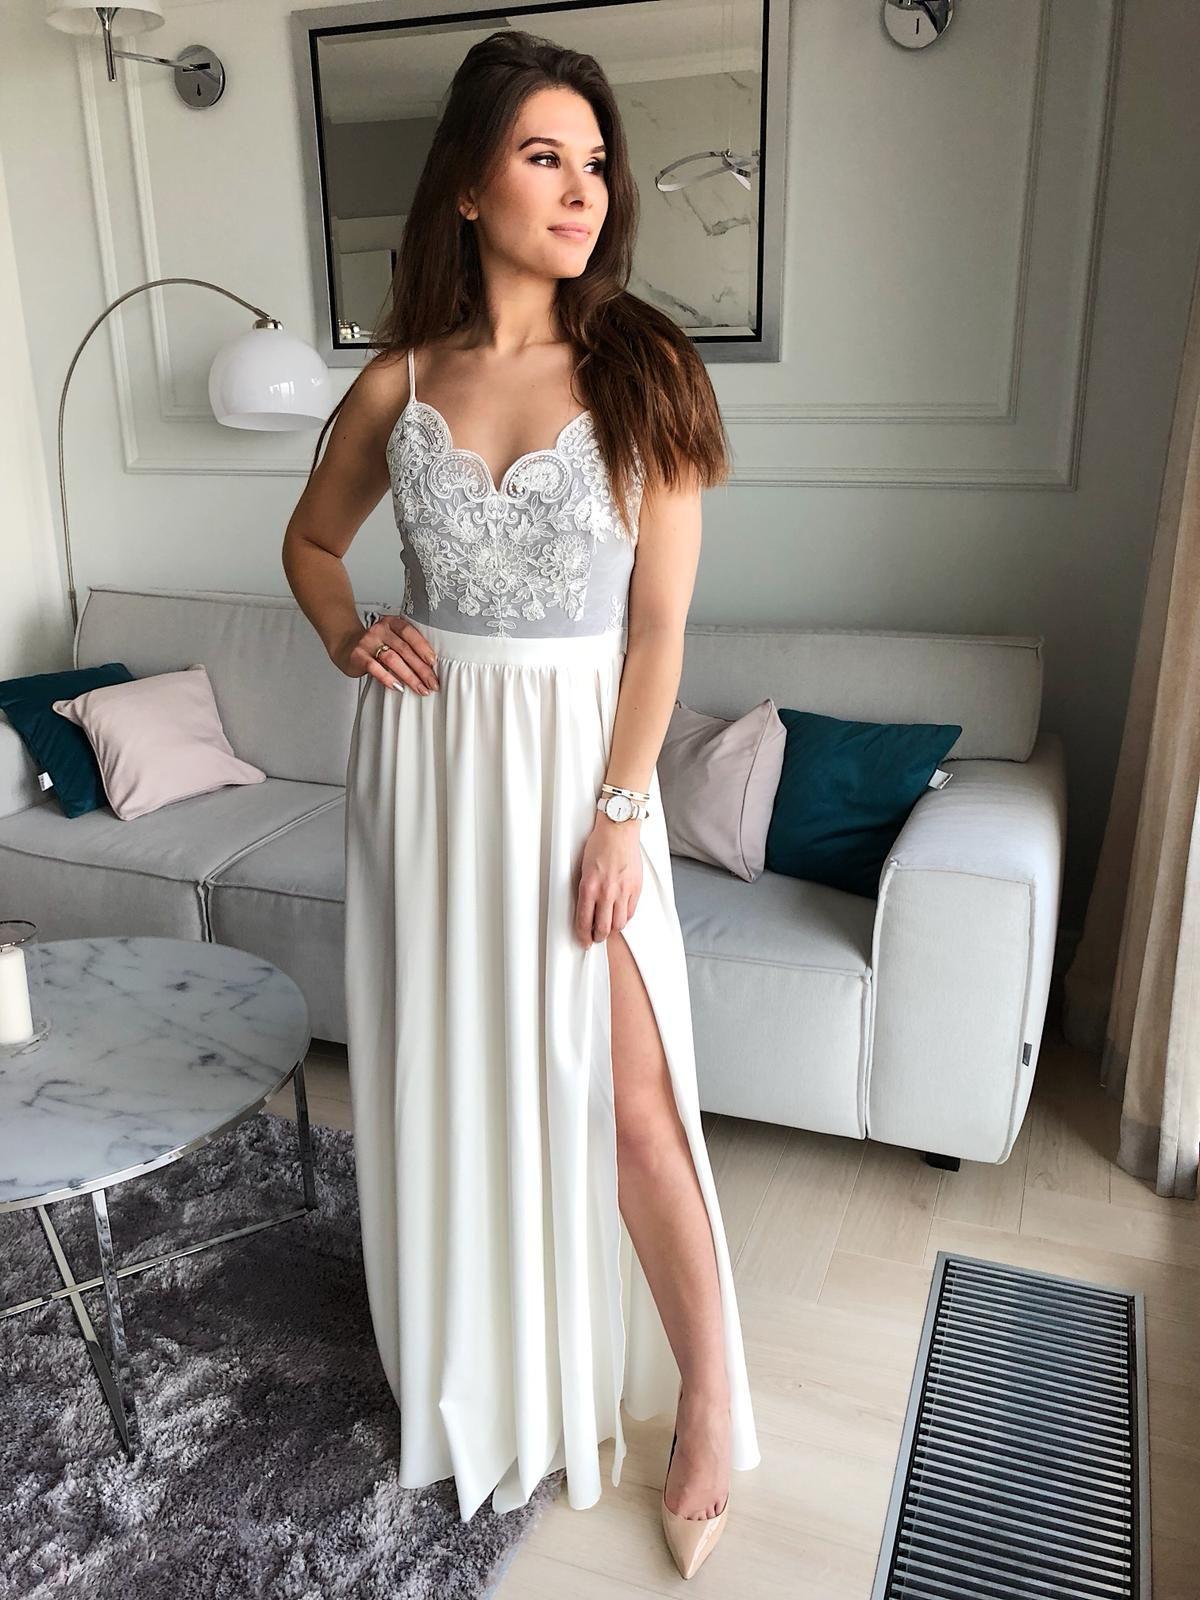 c9360491d3 Elegancka Suknia Wieczorowa w której będziesz wyglądać jak księżniczka. Suknia  bardzo zmysłowa i kobieca o